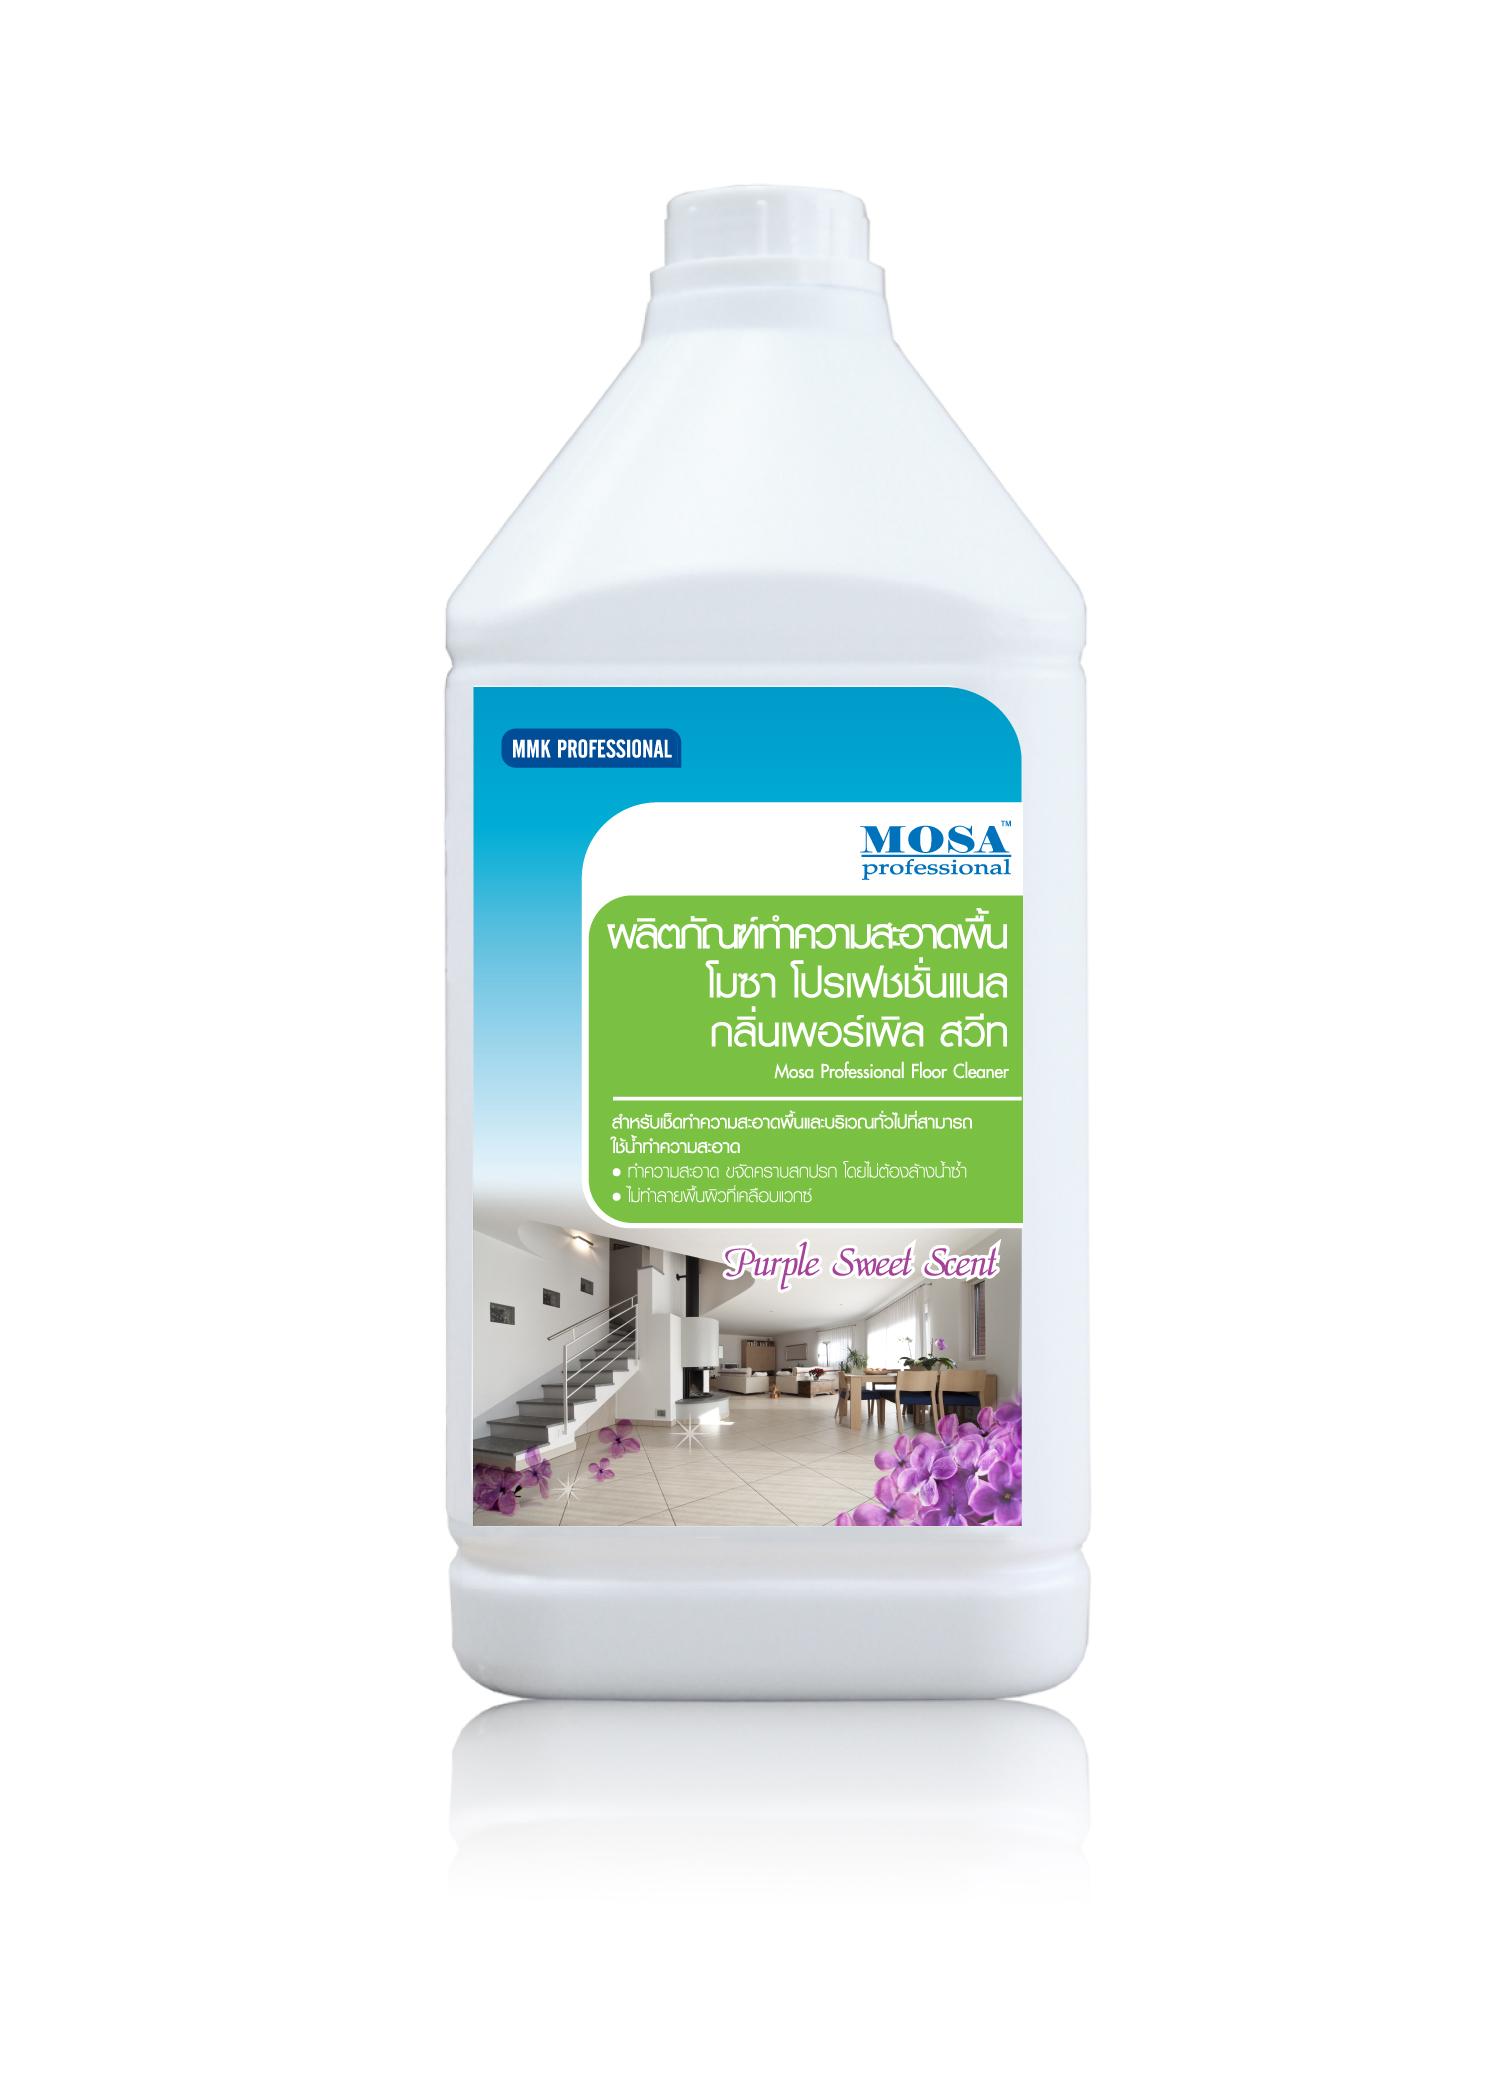 ผลิตภัณทำความสะอาดพื้นโมซาฯ สำหรับเช็ดถูประจำ